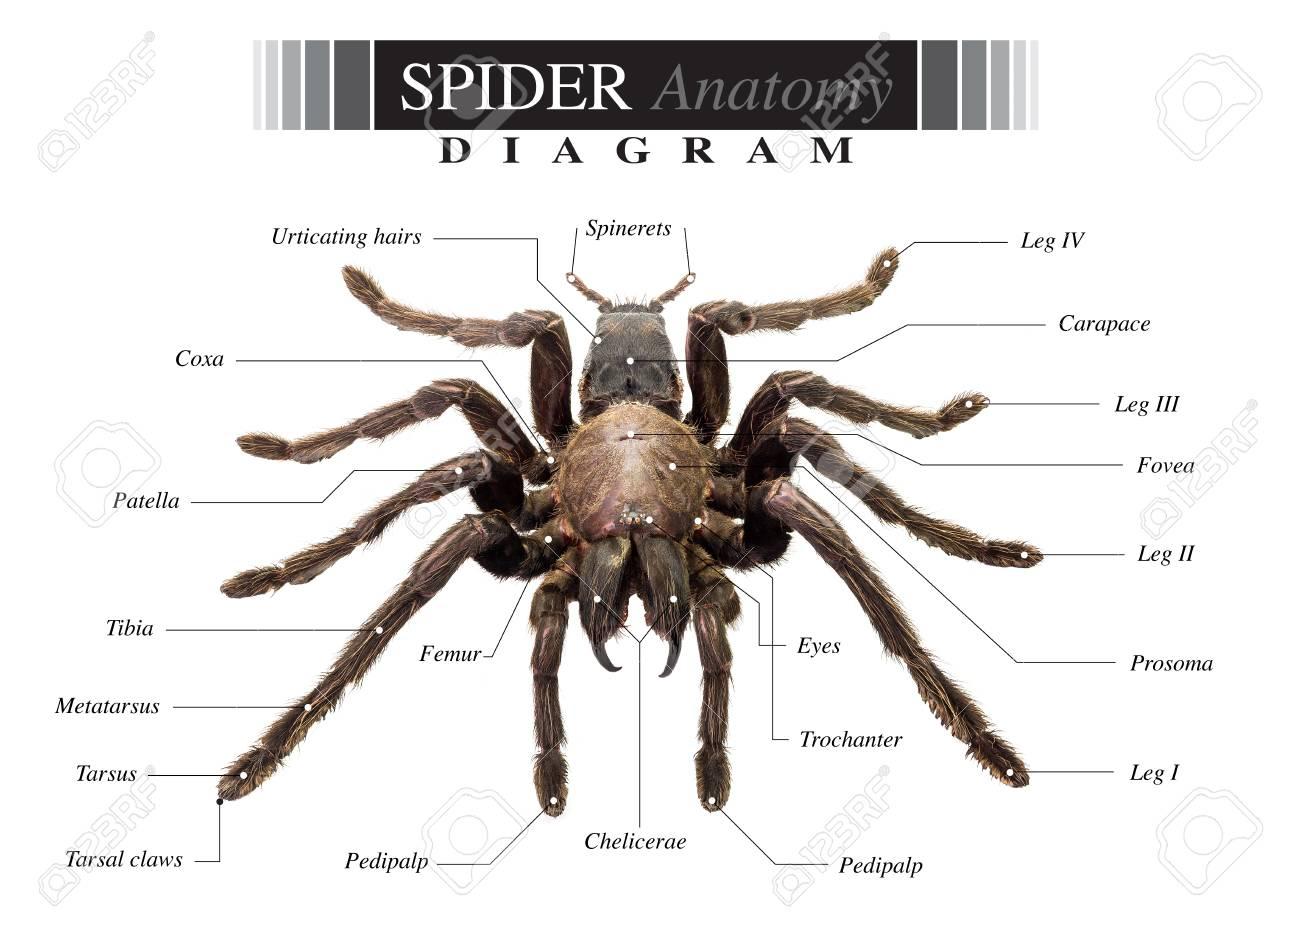 hight resolution of banque d images diagramme de tarantula spider eurypeima spiciness esp ces sur fond blanc